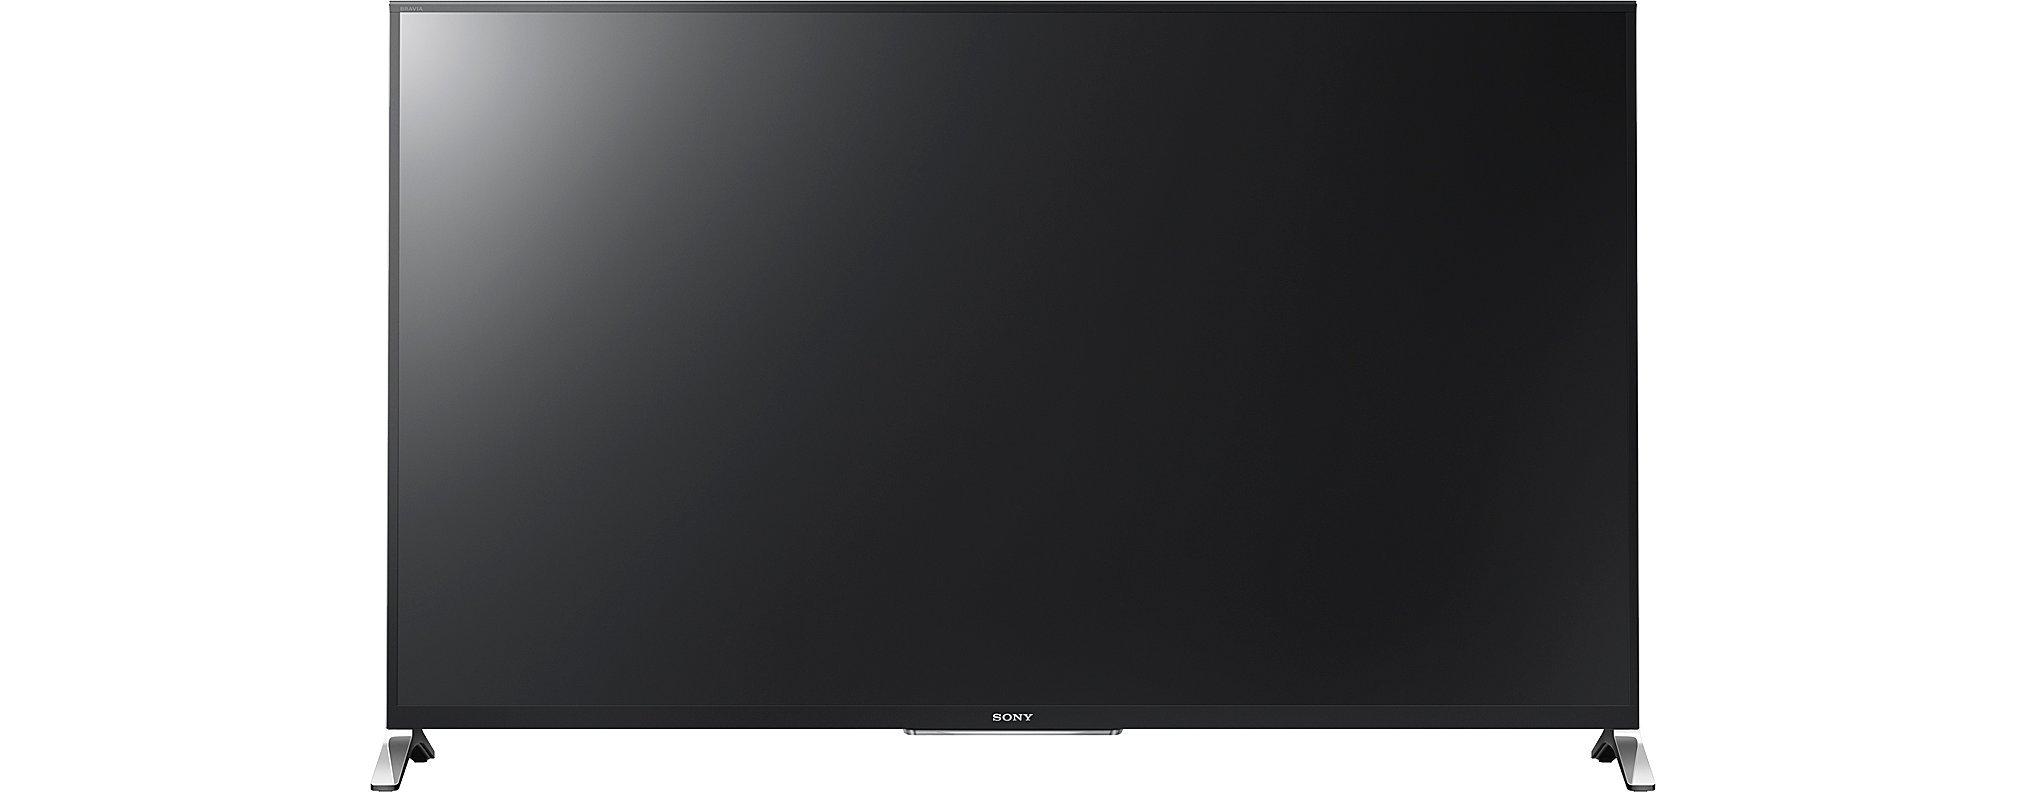 Sony KDL-55W955B - Tv Led 55 Bravia Kdl-55W955B Full Hd 3D, Wi-Fi Y Smart Tv: SONY: Amazon.es: Electrónica